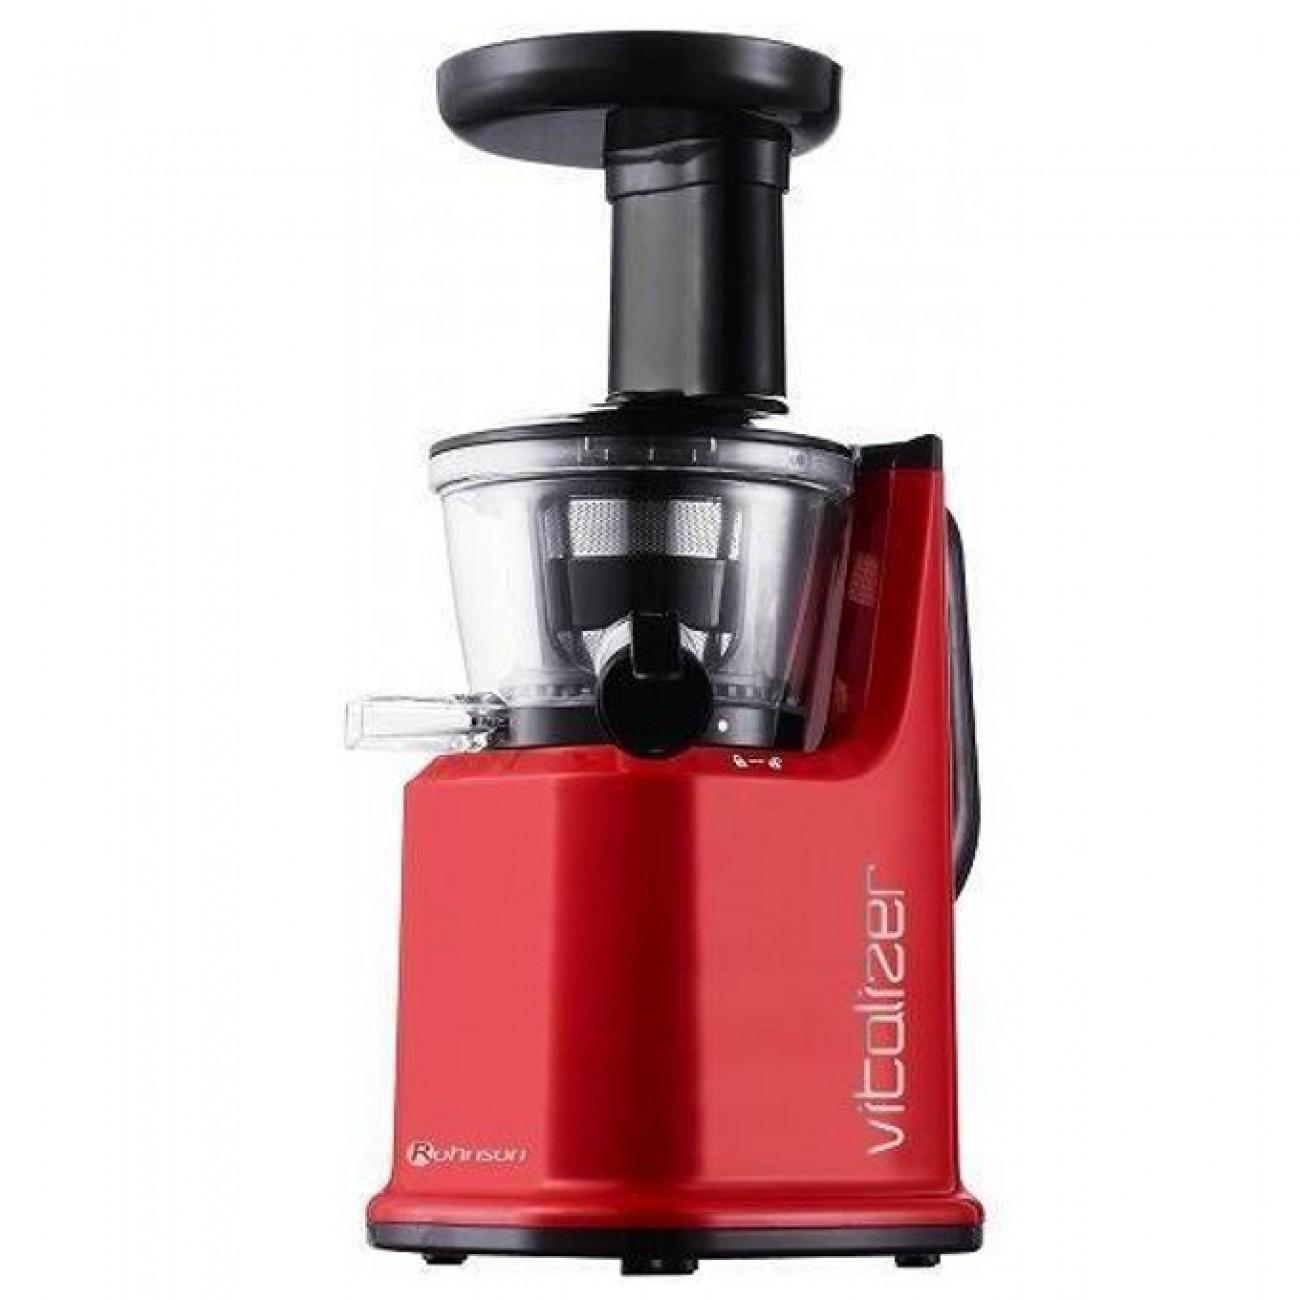 Сокоизстисквачка Rohnson R 451, 150W, бавно изцеждане, до 110 об. /мин, до 50% повече сок от центробежна сокоизстисквачка, червена в Сокоизстисквачки -  | Alleop